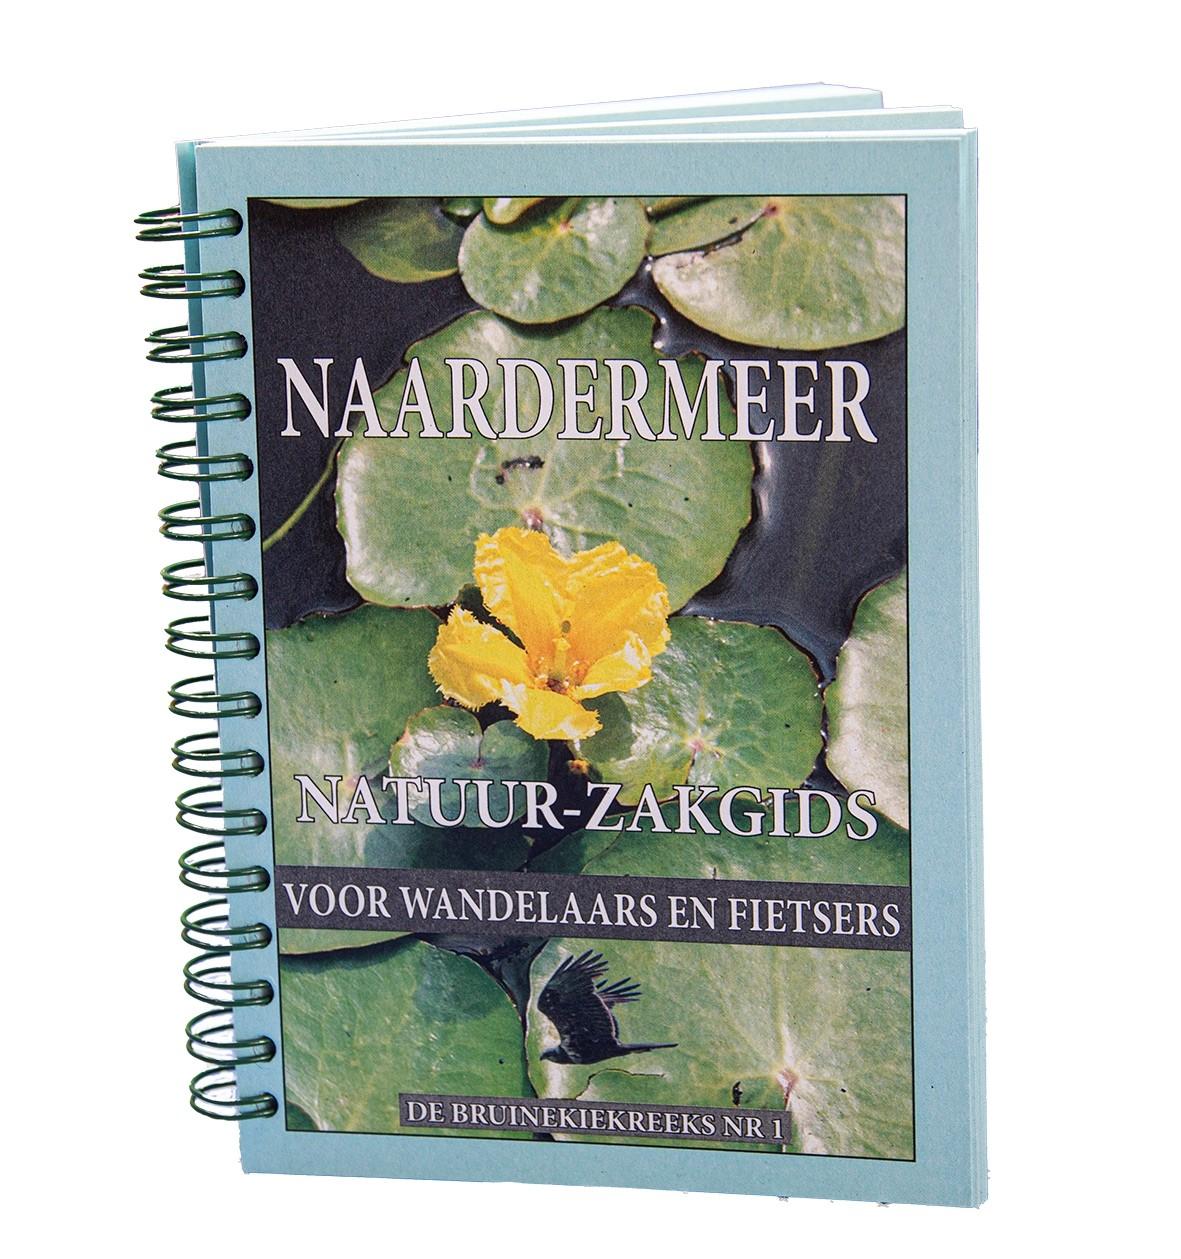 Naardermeer Natuur-Zakgids 9789090338446 Rob Kloosterman De Bruine Kiek Natuurfotografie   Natuurgidsen Noord-Holland